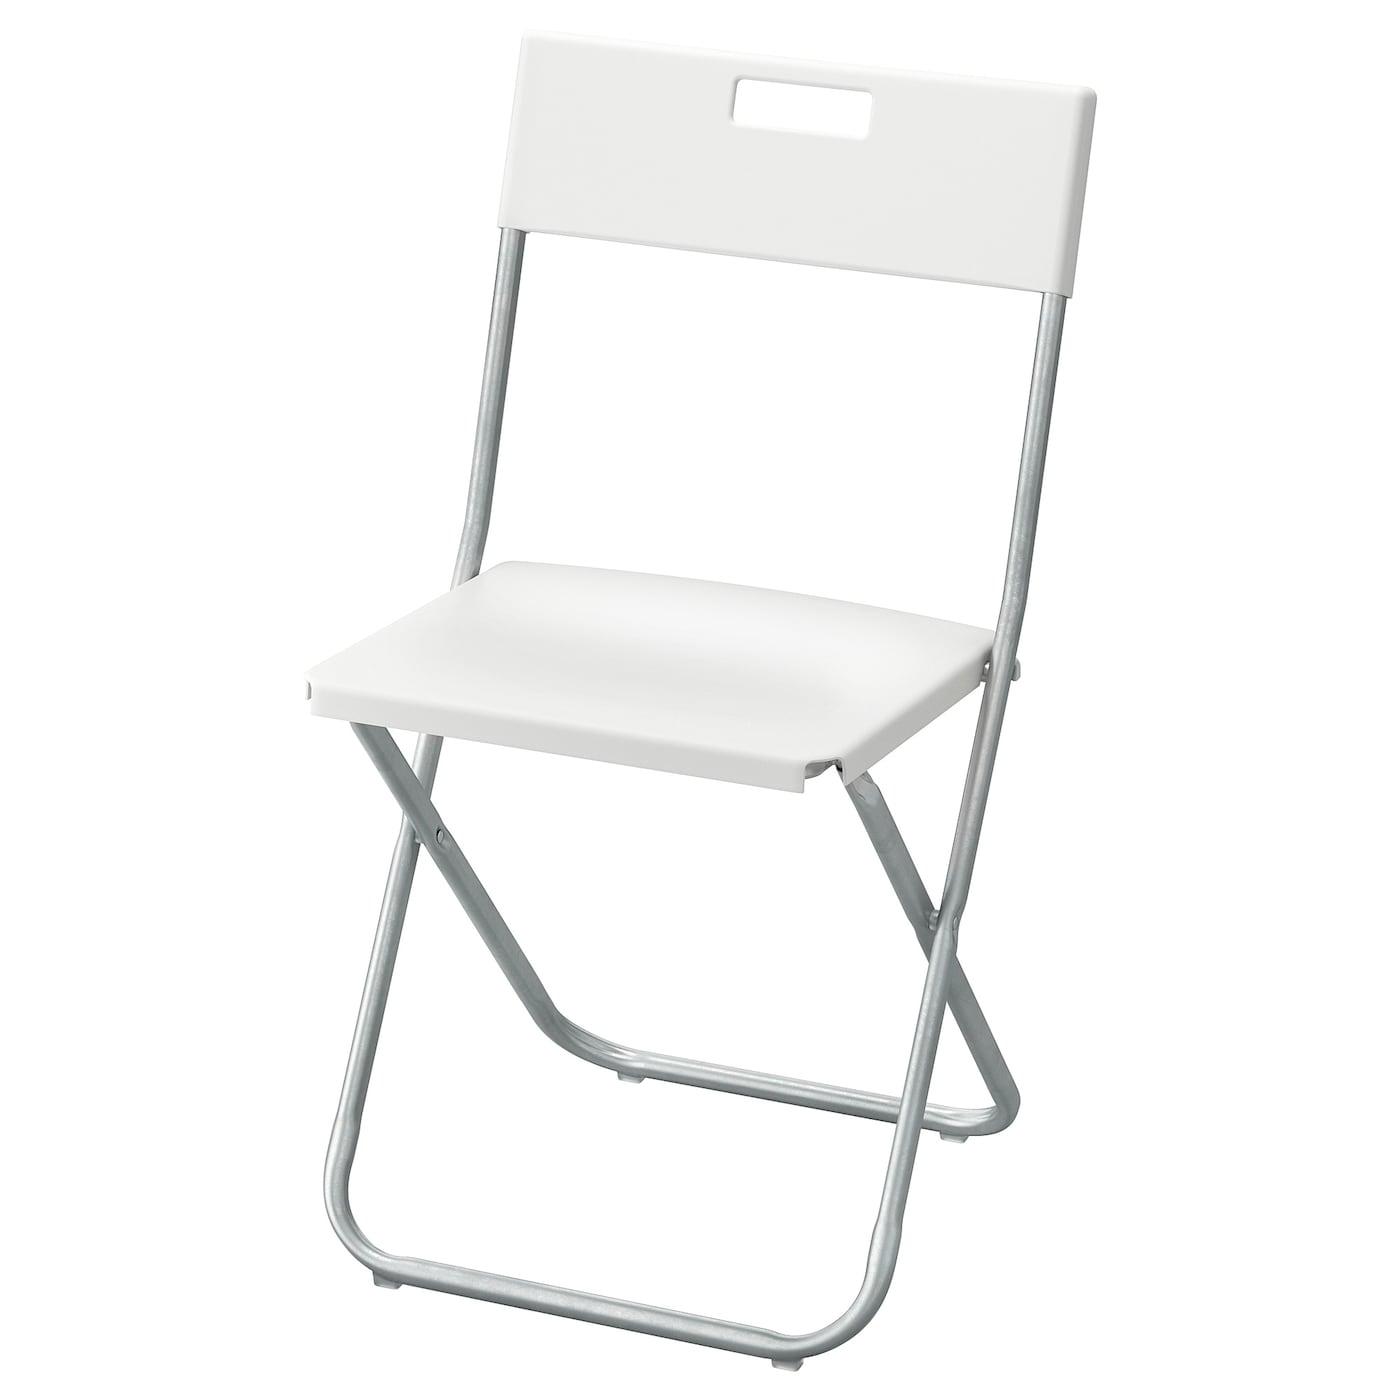 Ikea Chaise Pliante Gunde Noir Chaises Mobilier De Jardin